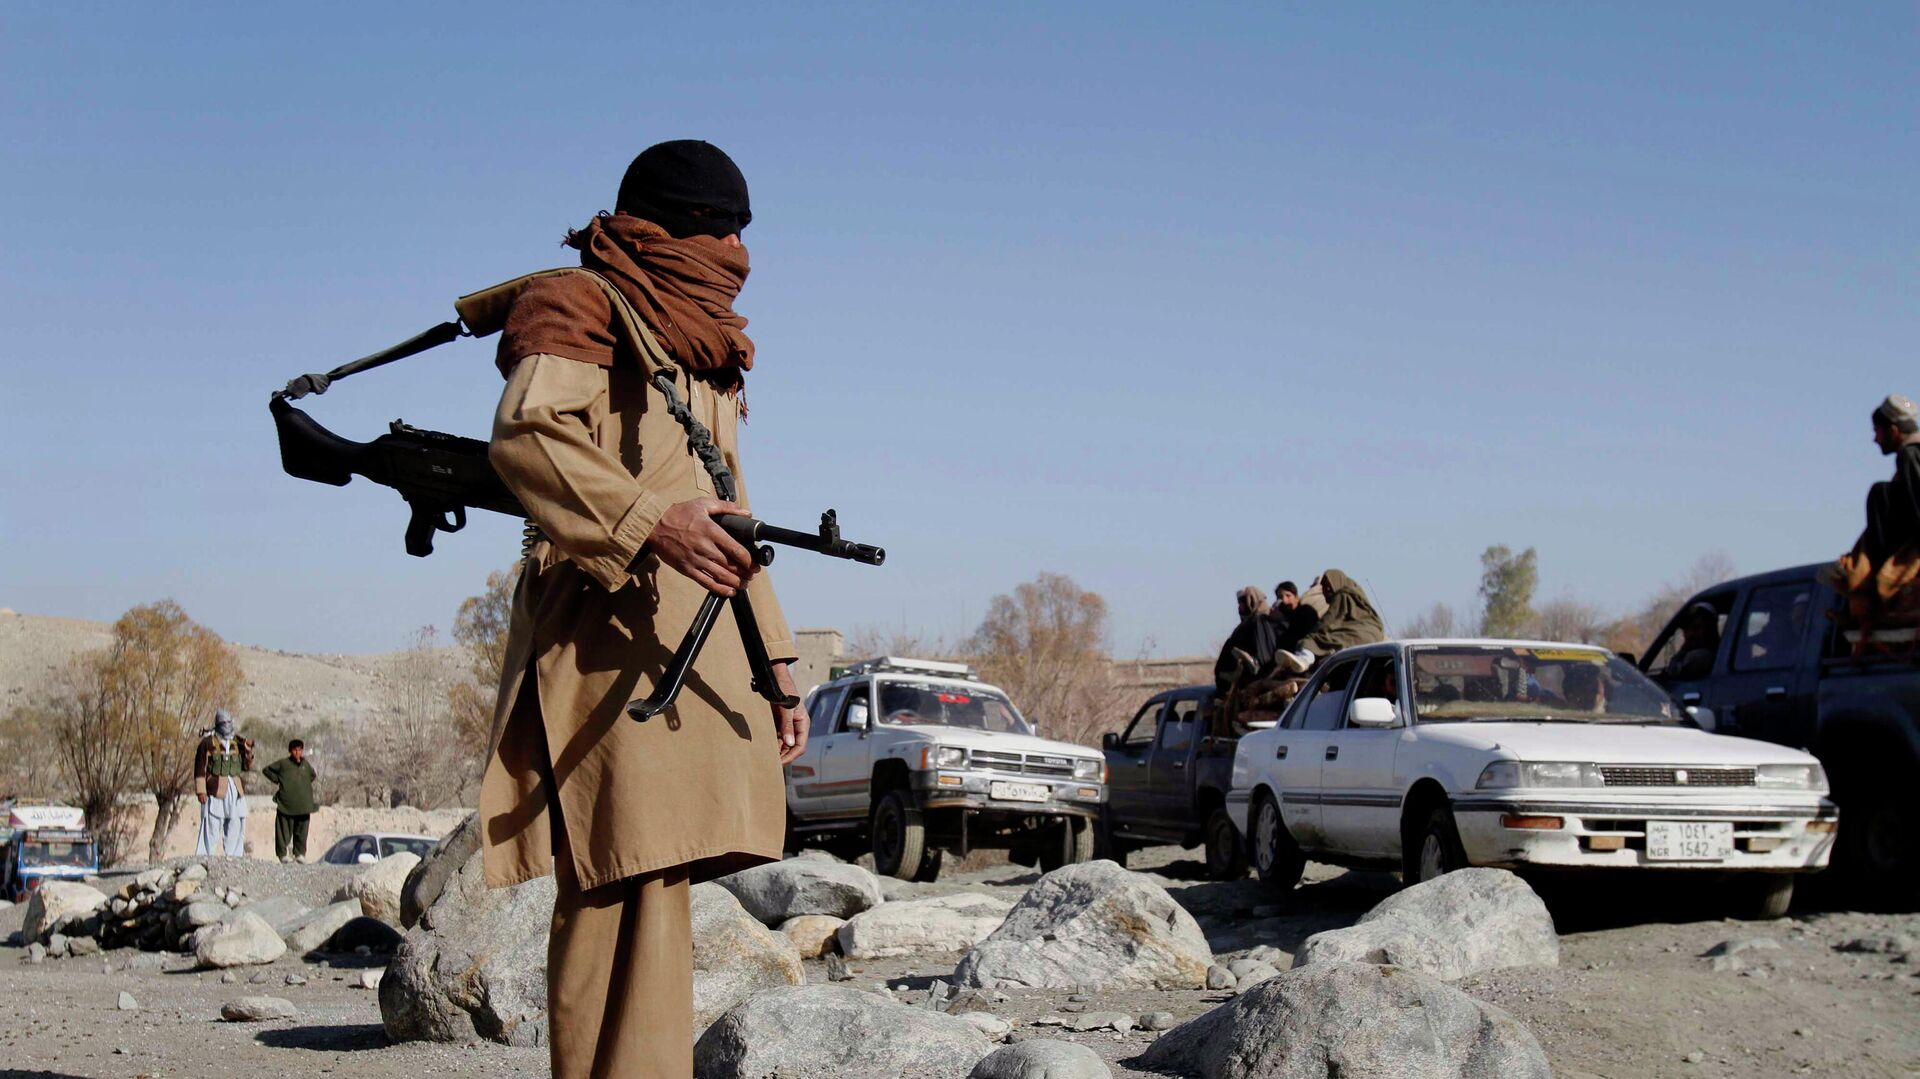 Боевики радикального движения Талибан в Афганистане - РИА Новости, 1920, 12.06.2021